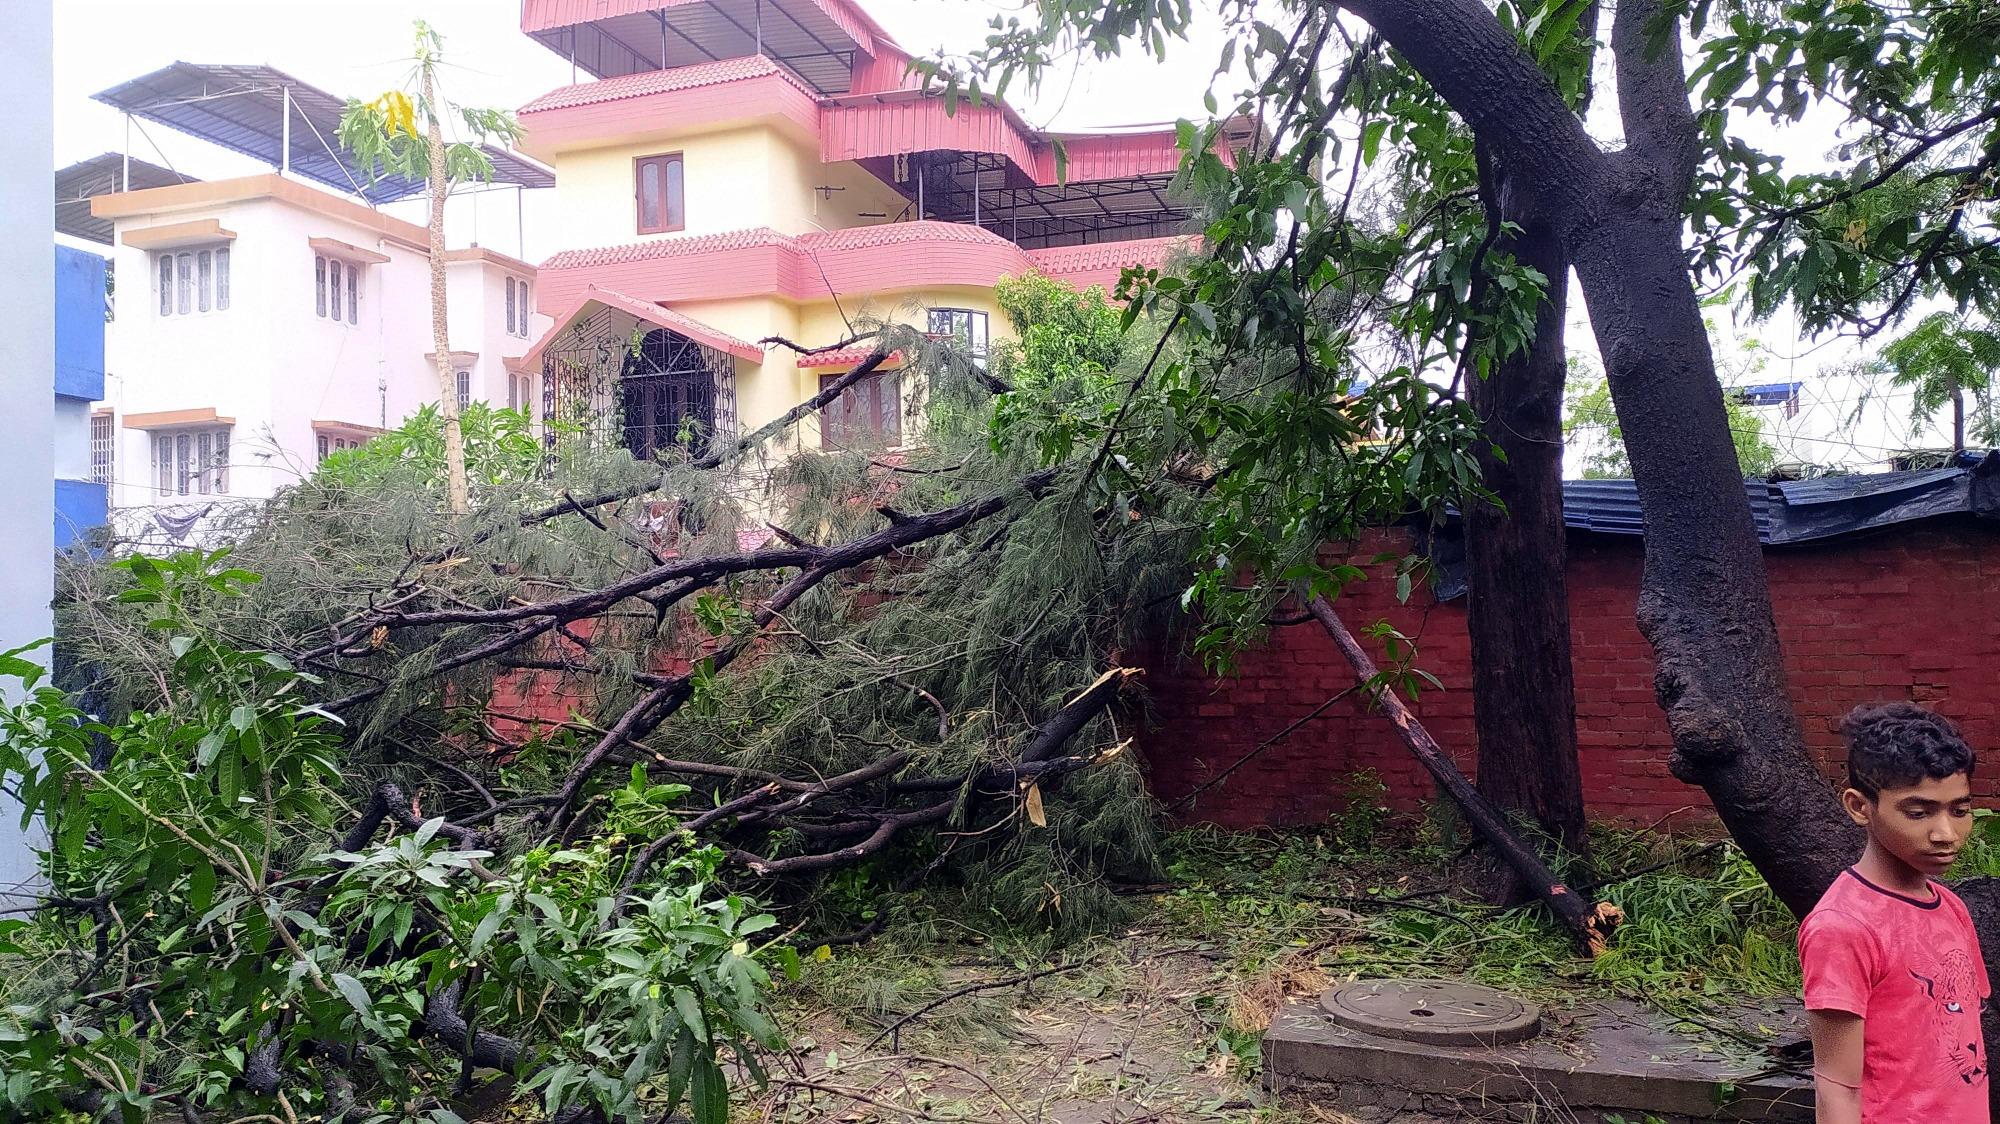 En Inde et au Bangladesh, les cyclones provoquent des dégâts considérables.